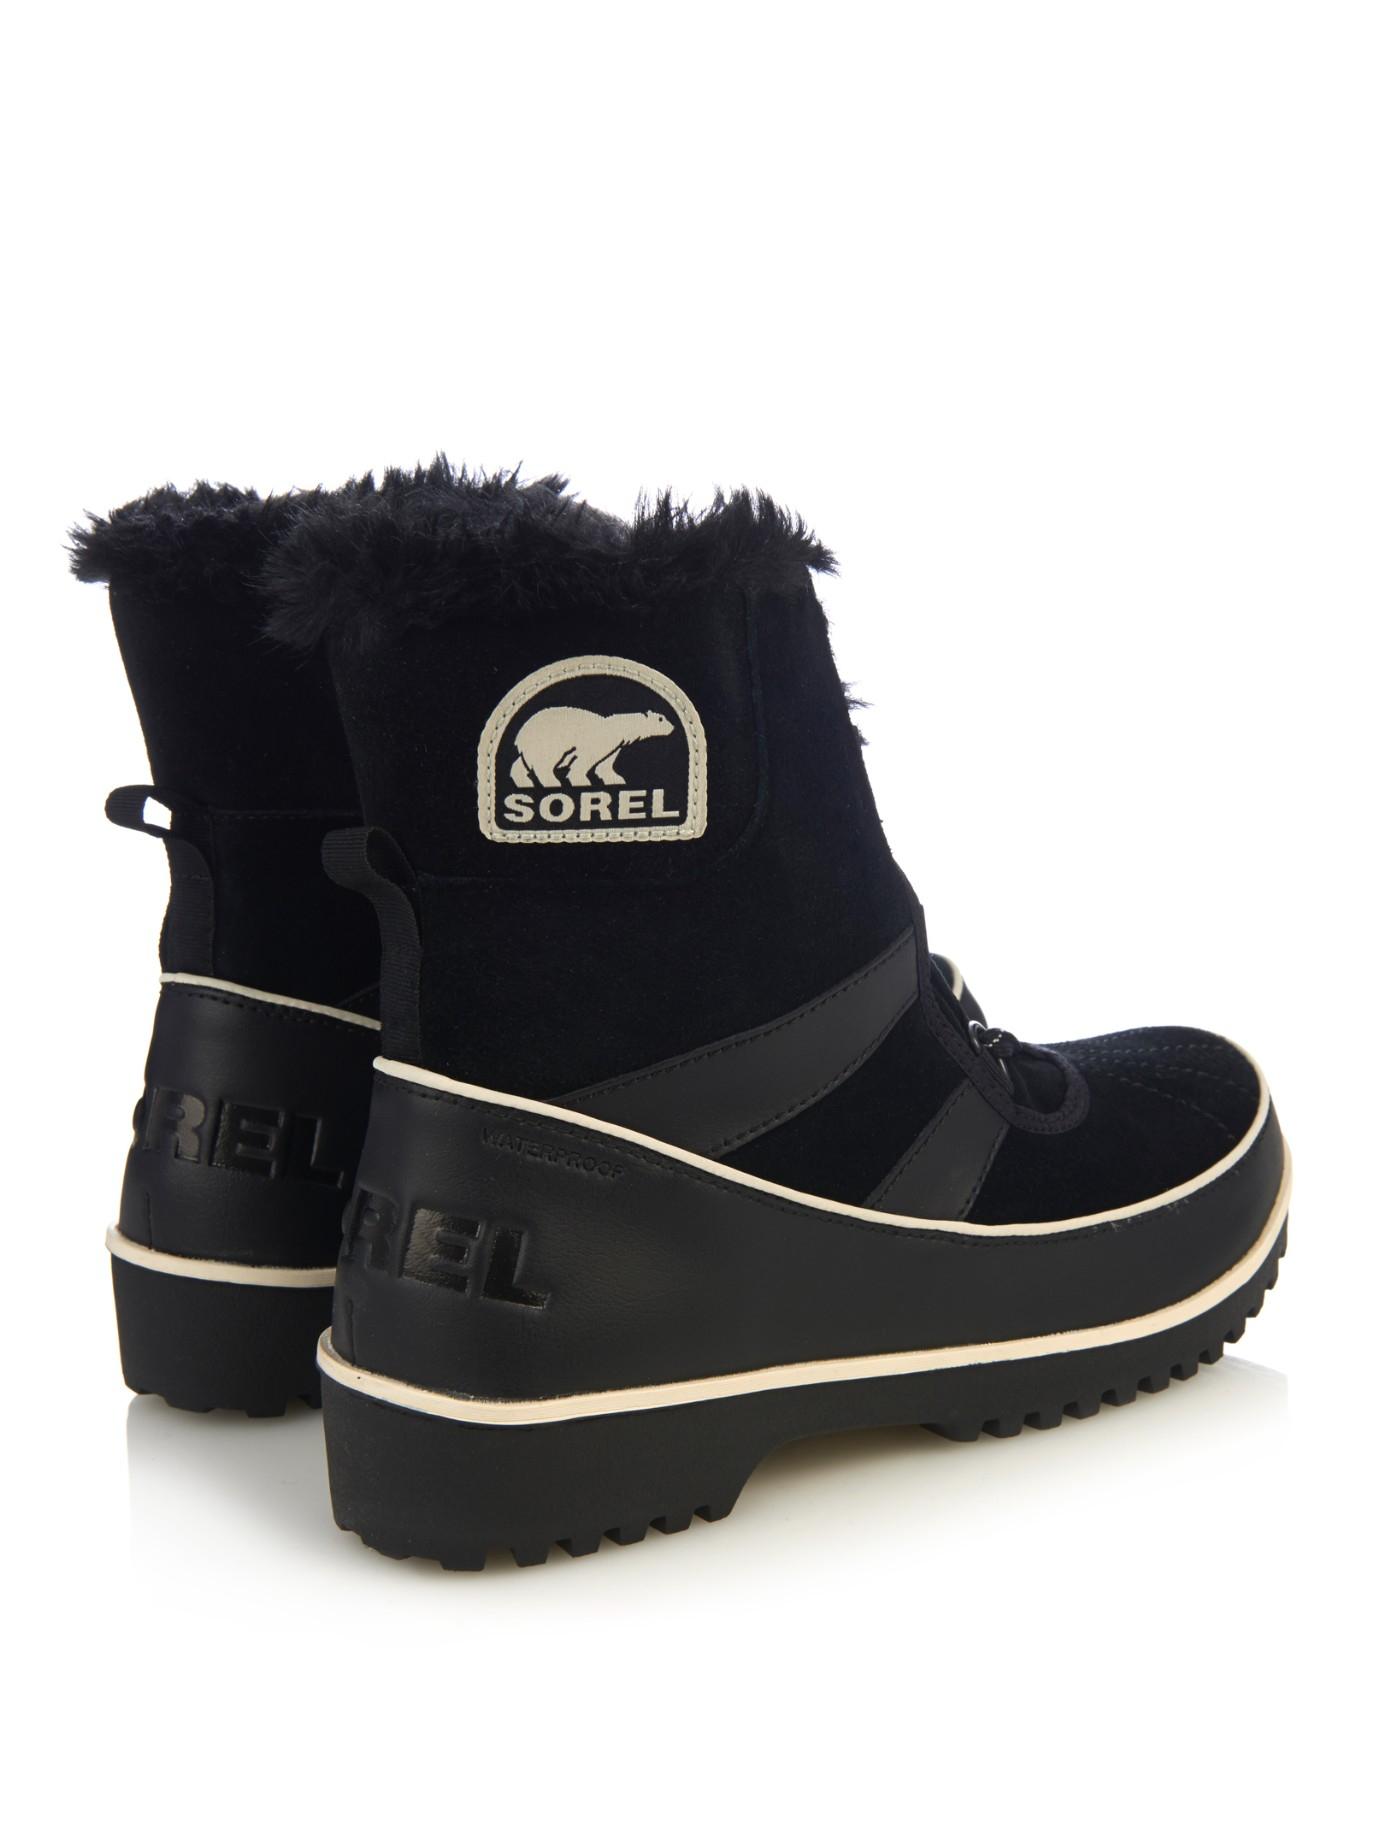 sorel tivoli ii waterproof suede boots in black lyst